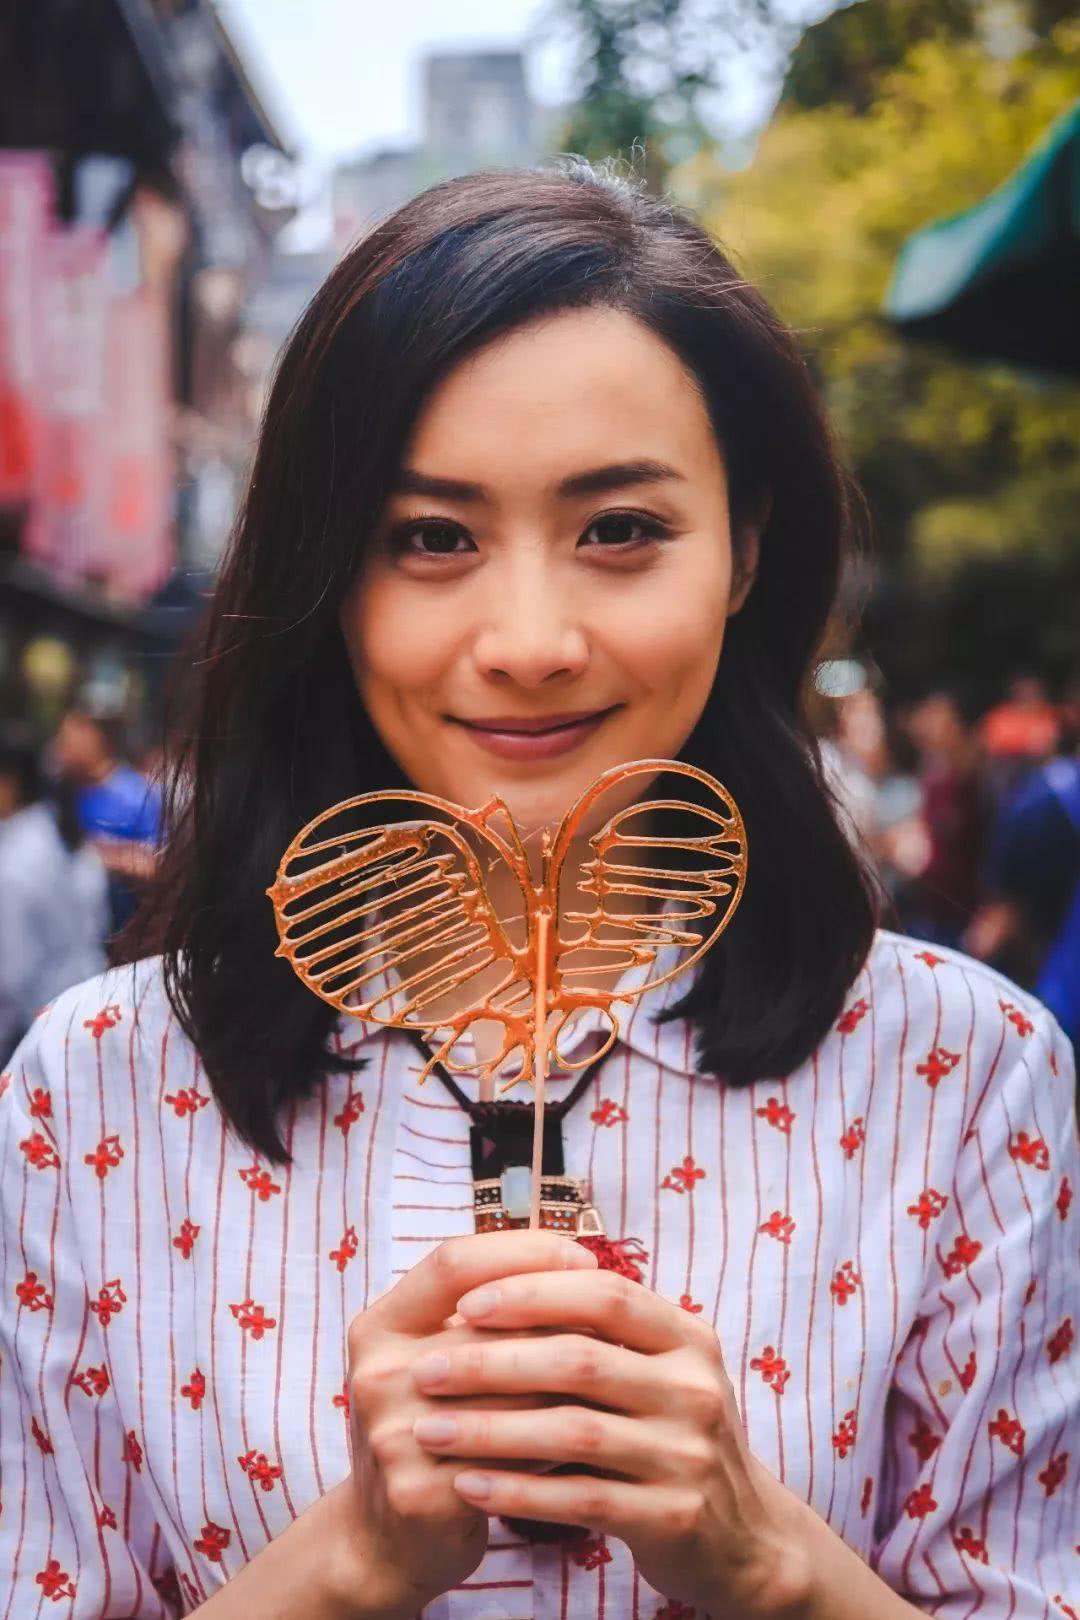 成都小姐最多的地方_好多人以为她是香港人,但其实她是地道的成都女孩.